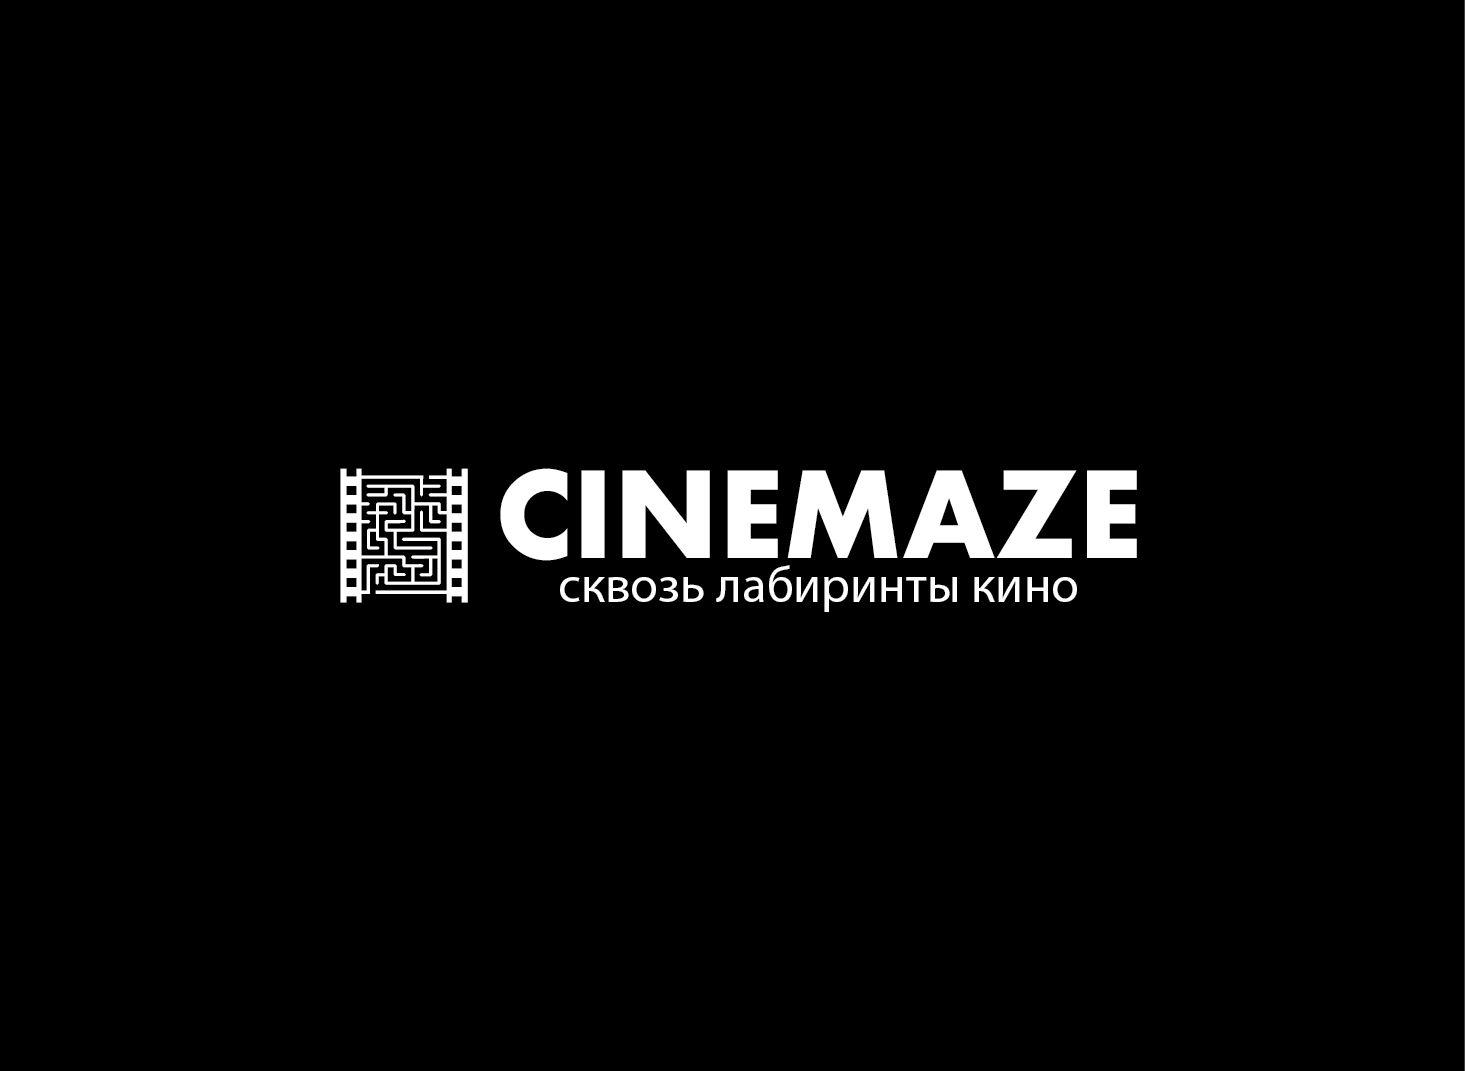 Логотип для кино-сайта - дизайнер Krupicki